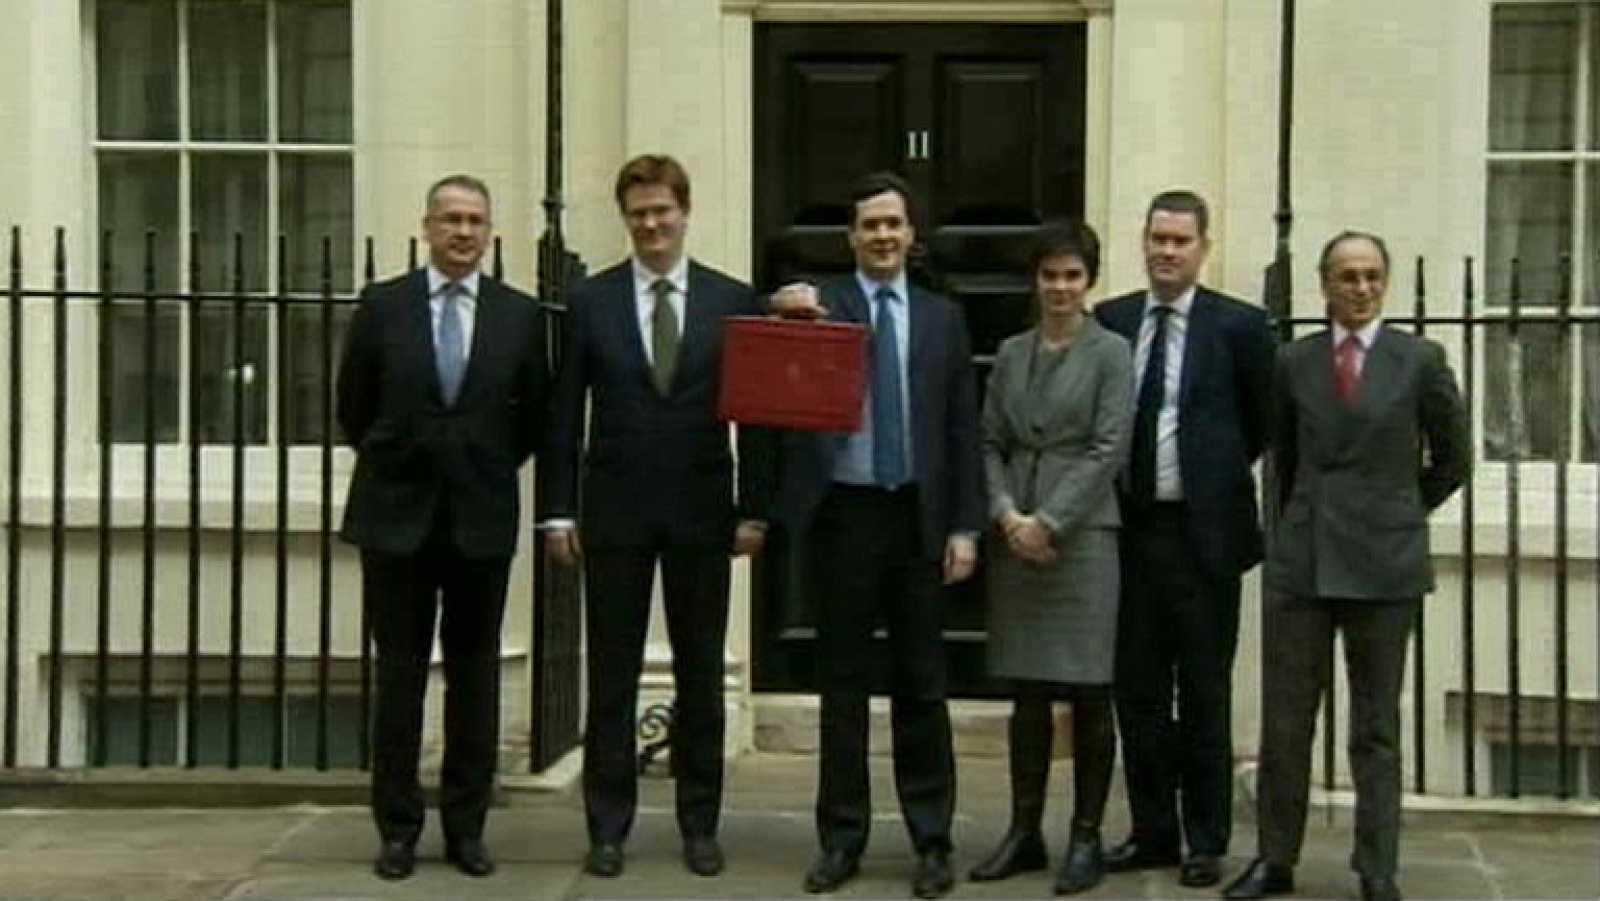 El gobierno de David Cameron propone bajar los impuestos a los ricos y a las empresas